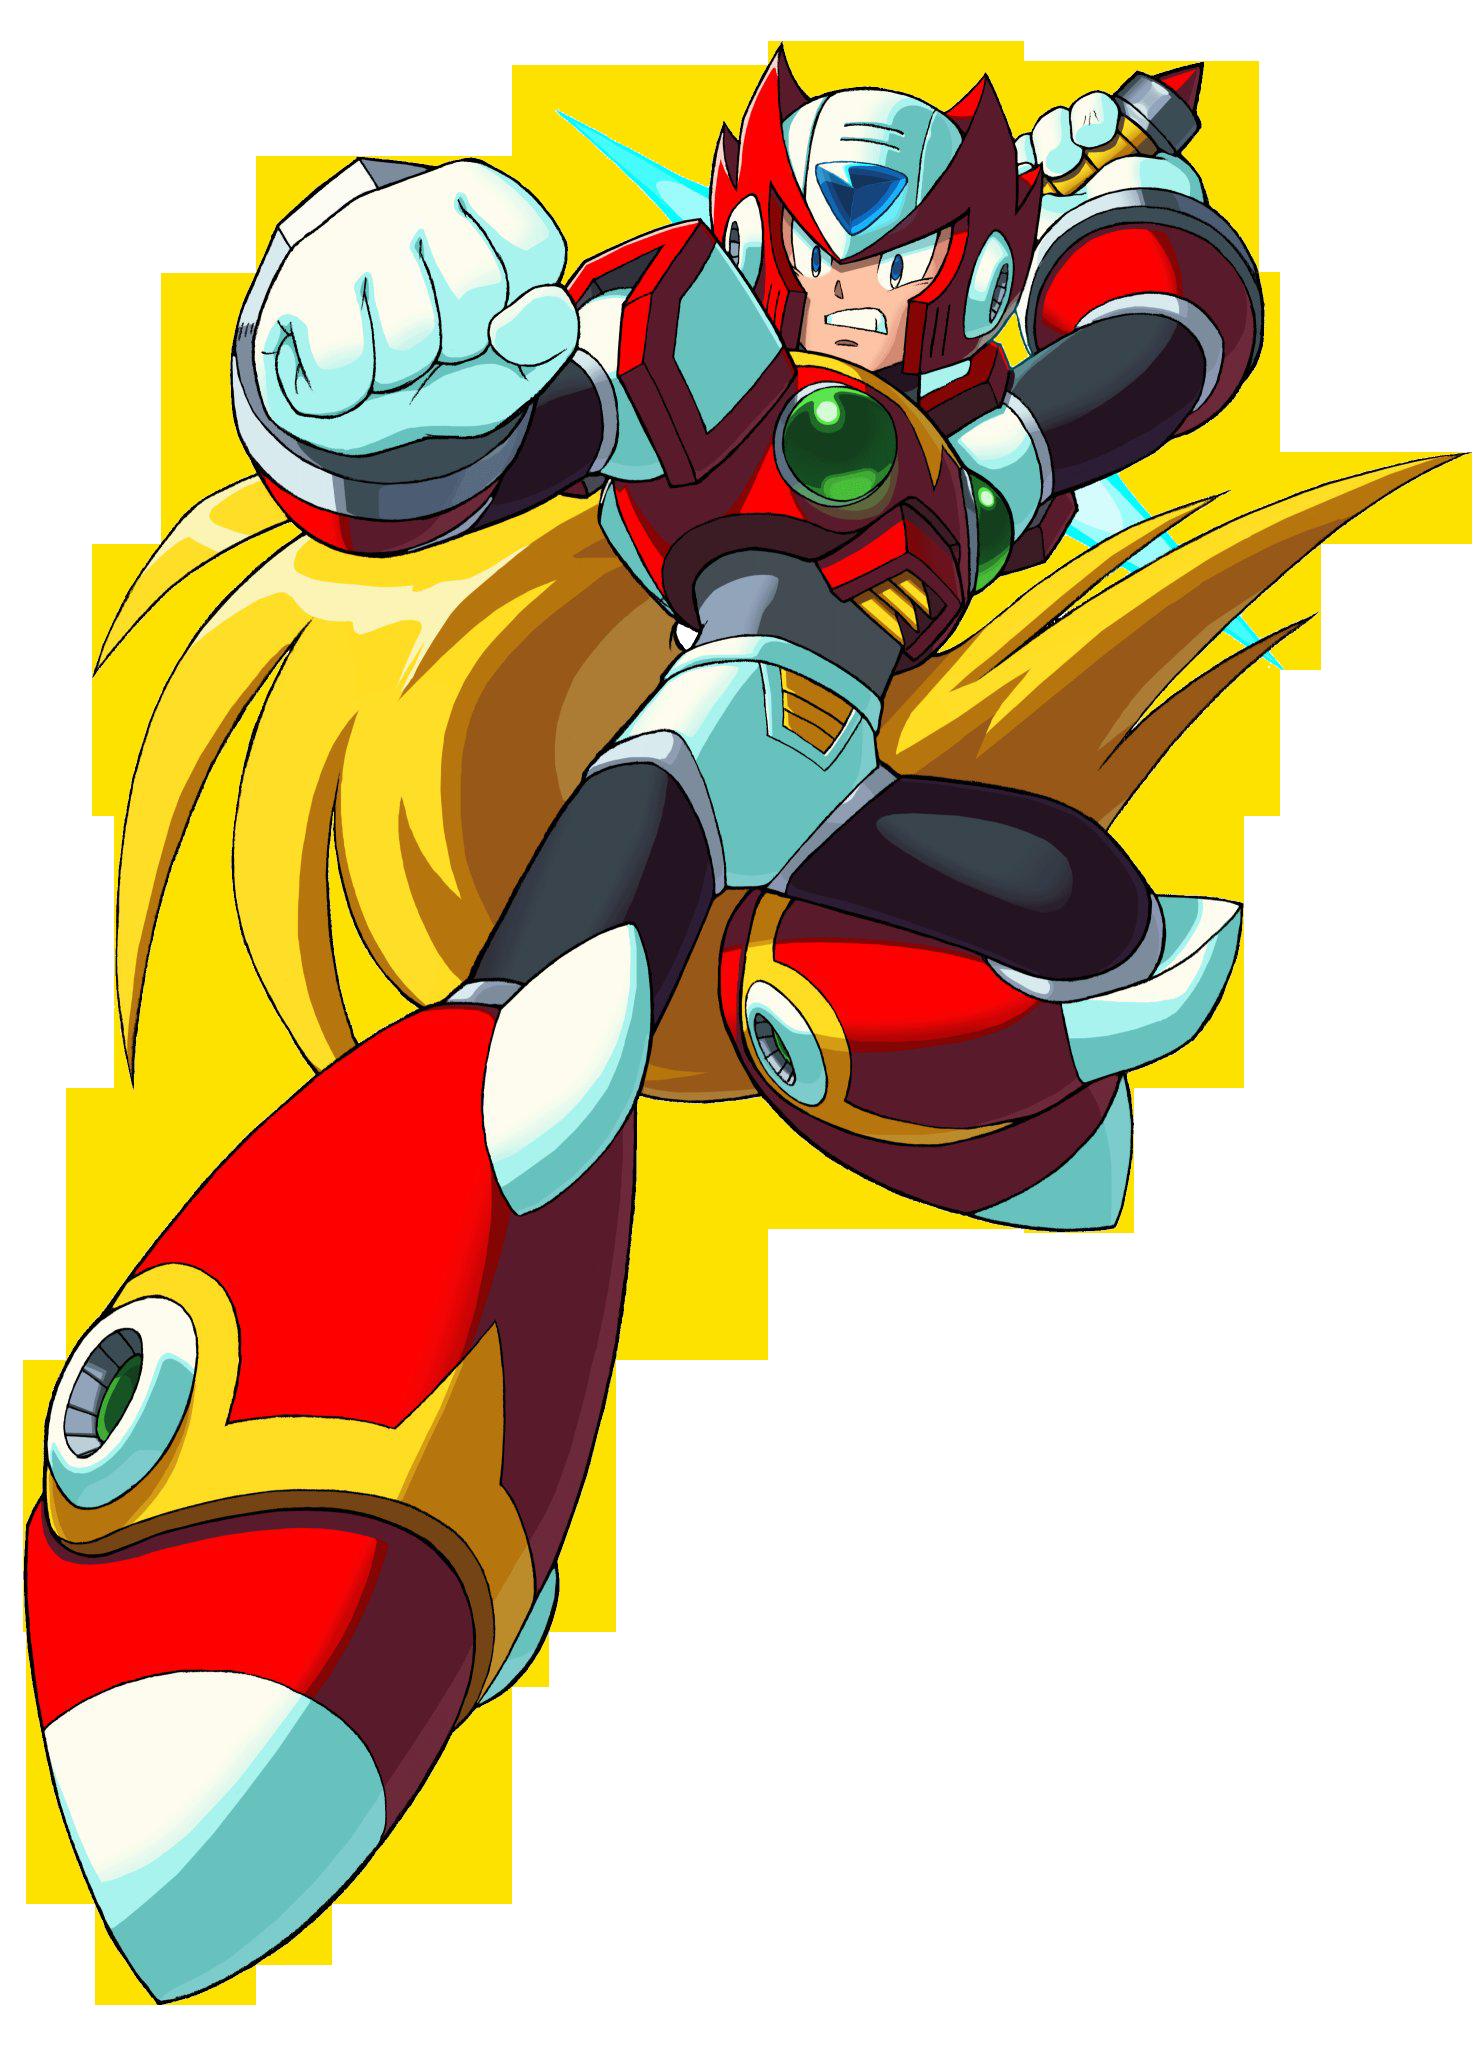 Zero mega man x heroes wiki fandom powered by wikia - Megaman wikia ...